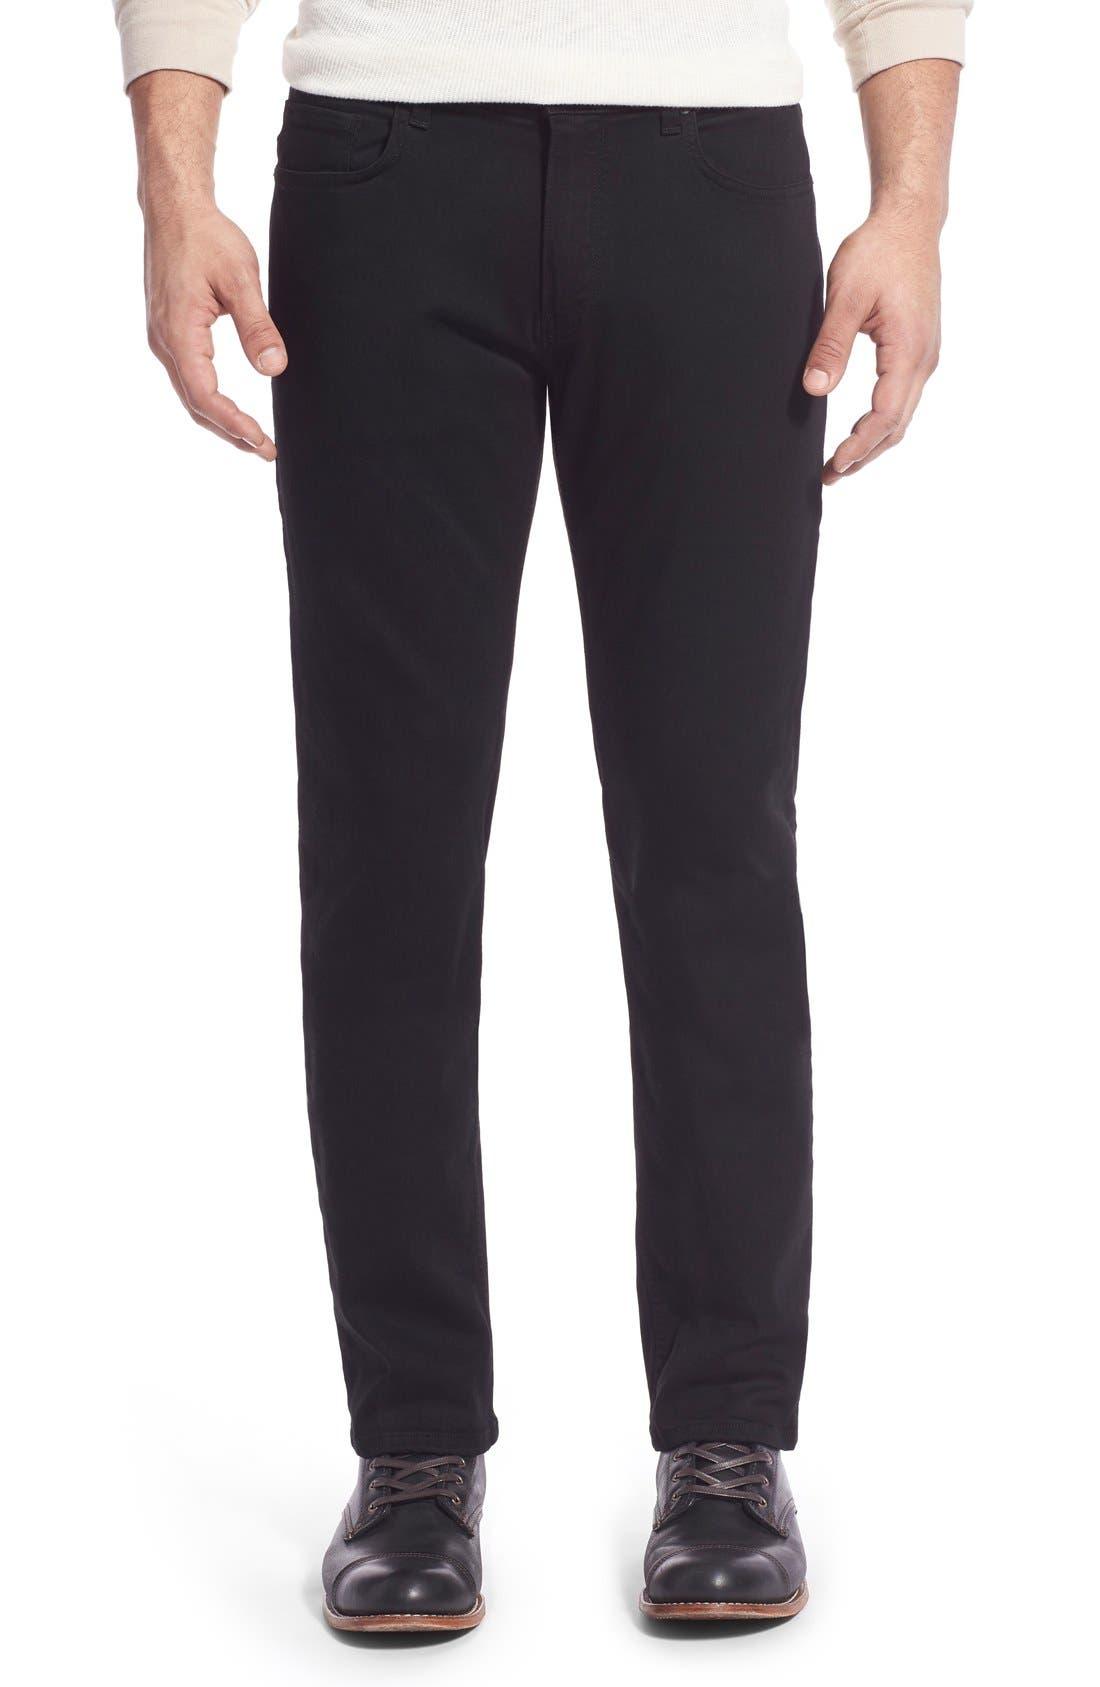 Transcend - Lennox Slim Fit Jeans,                         Main,                         color, BLACK SHADOW